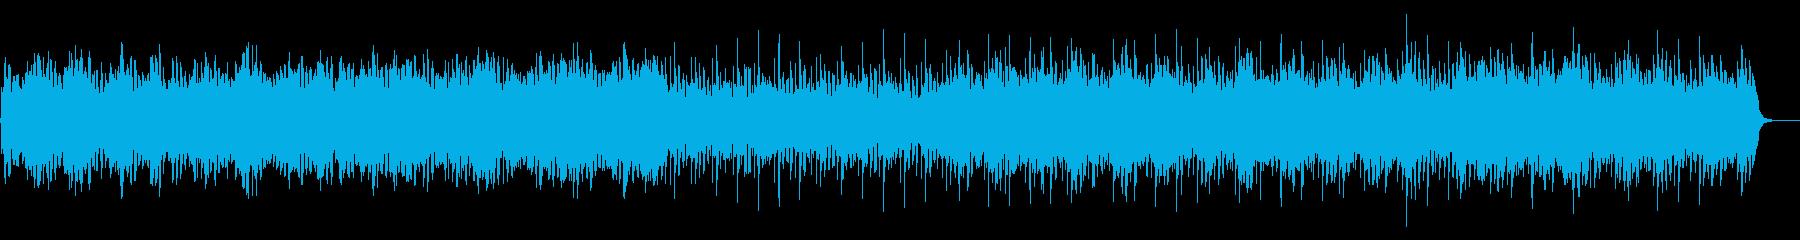 森 樹海 秘境 謎の民族 アンビエントの再生済みの波形